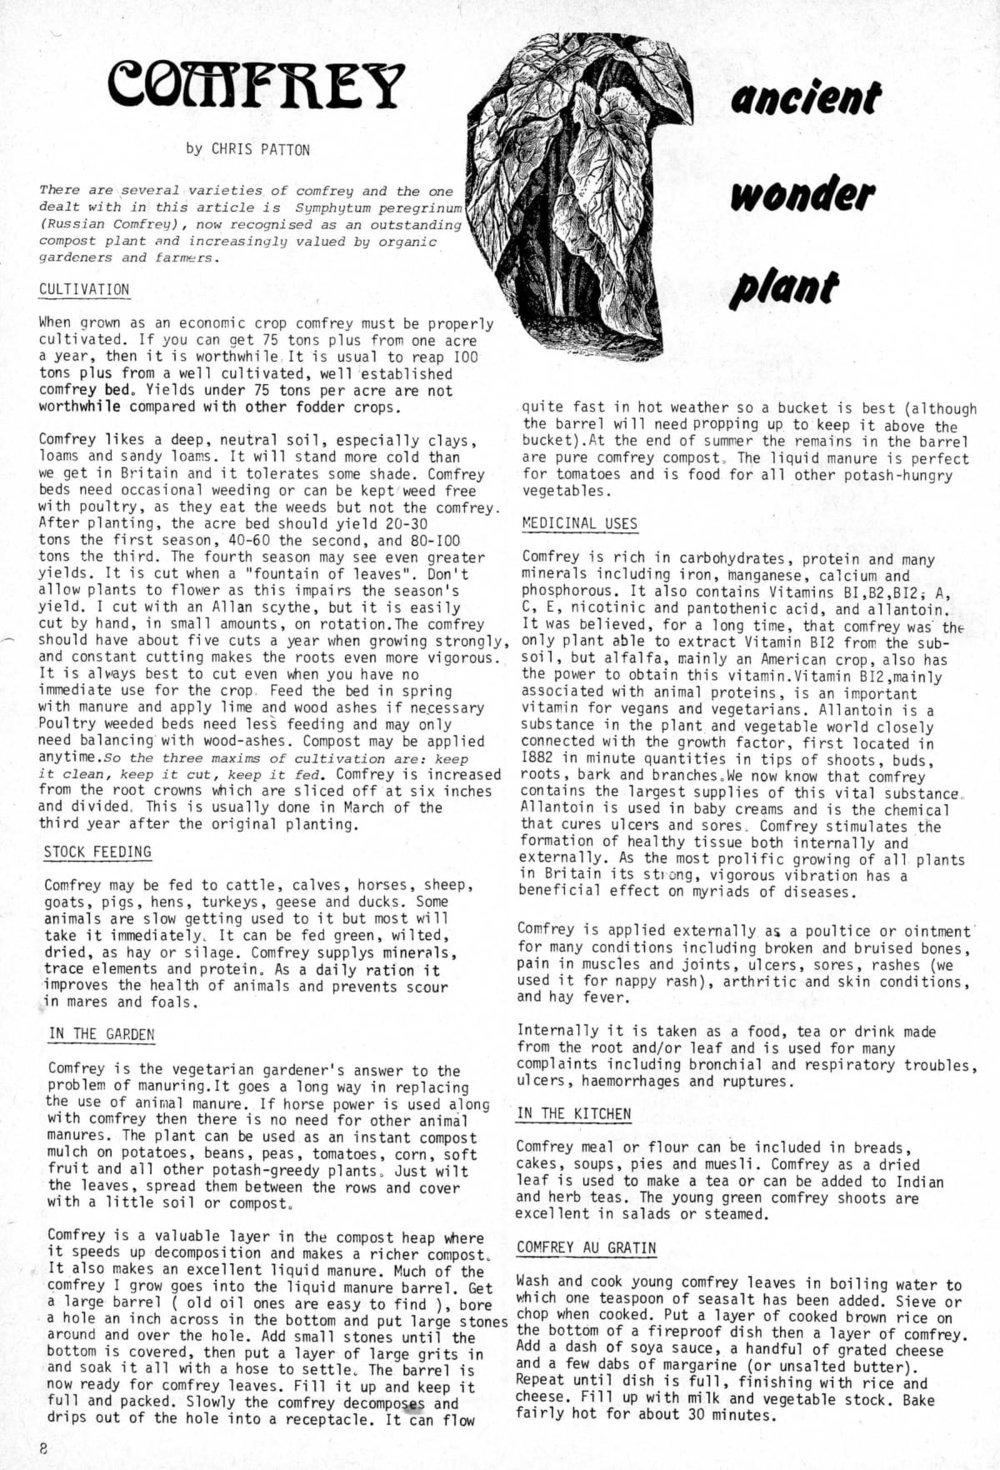 seed-v3-n9-sept1974-08.jpg